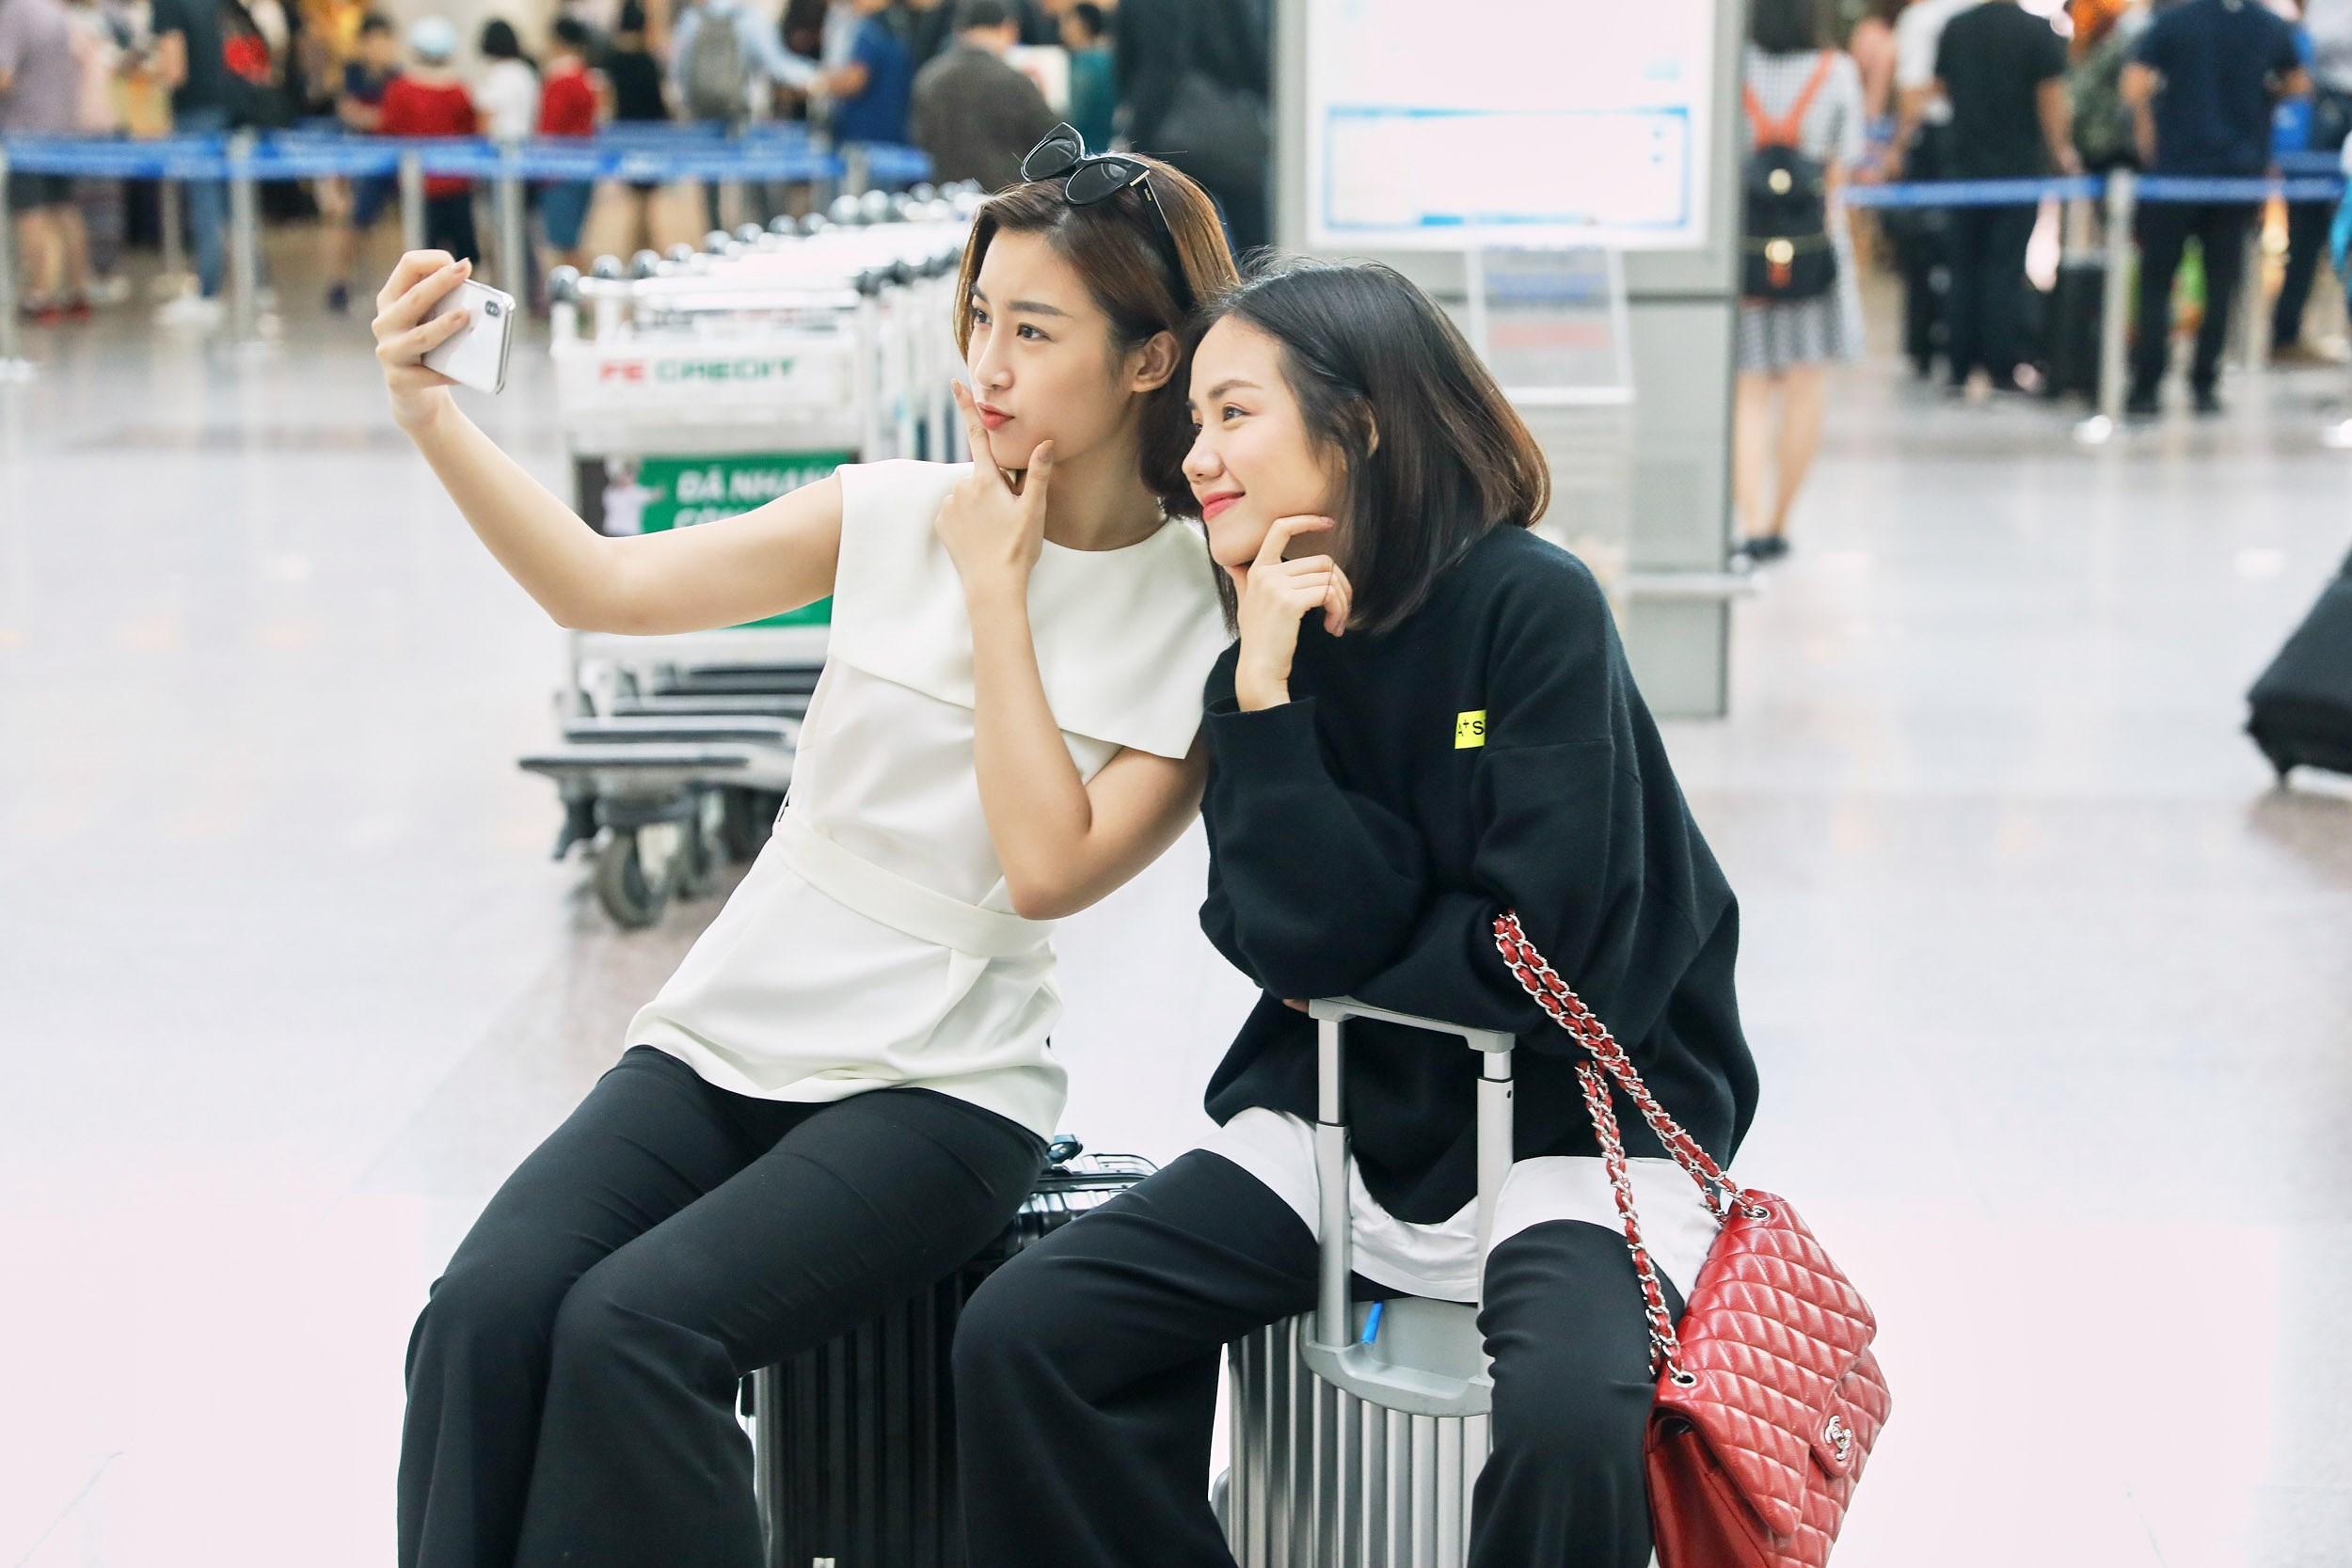 Hoa hậu Đỗ Mỹ Linh và Phương Ly đọ mặt mộc xinh đẹp tại sân bay Ảnh 8